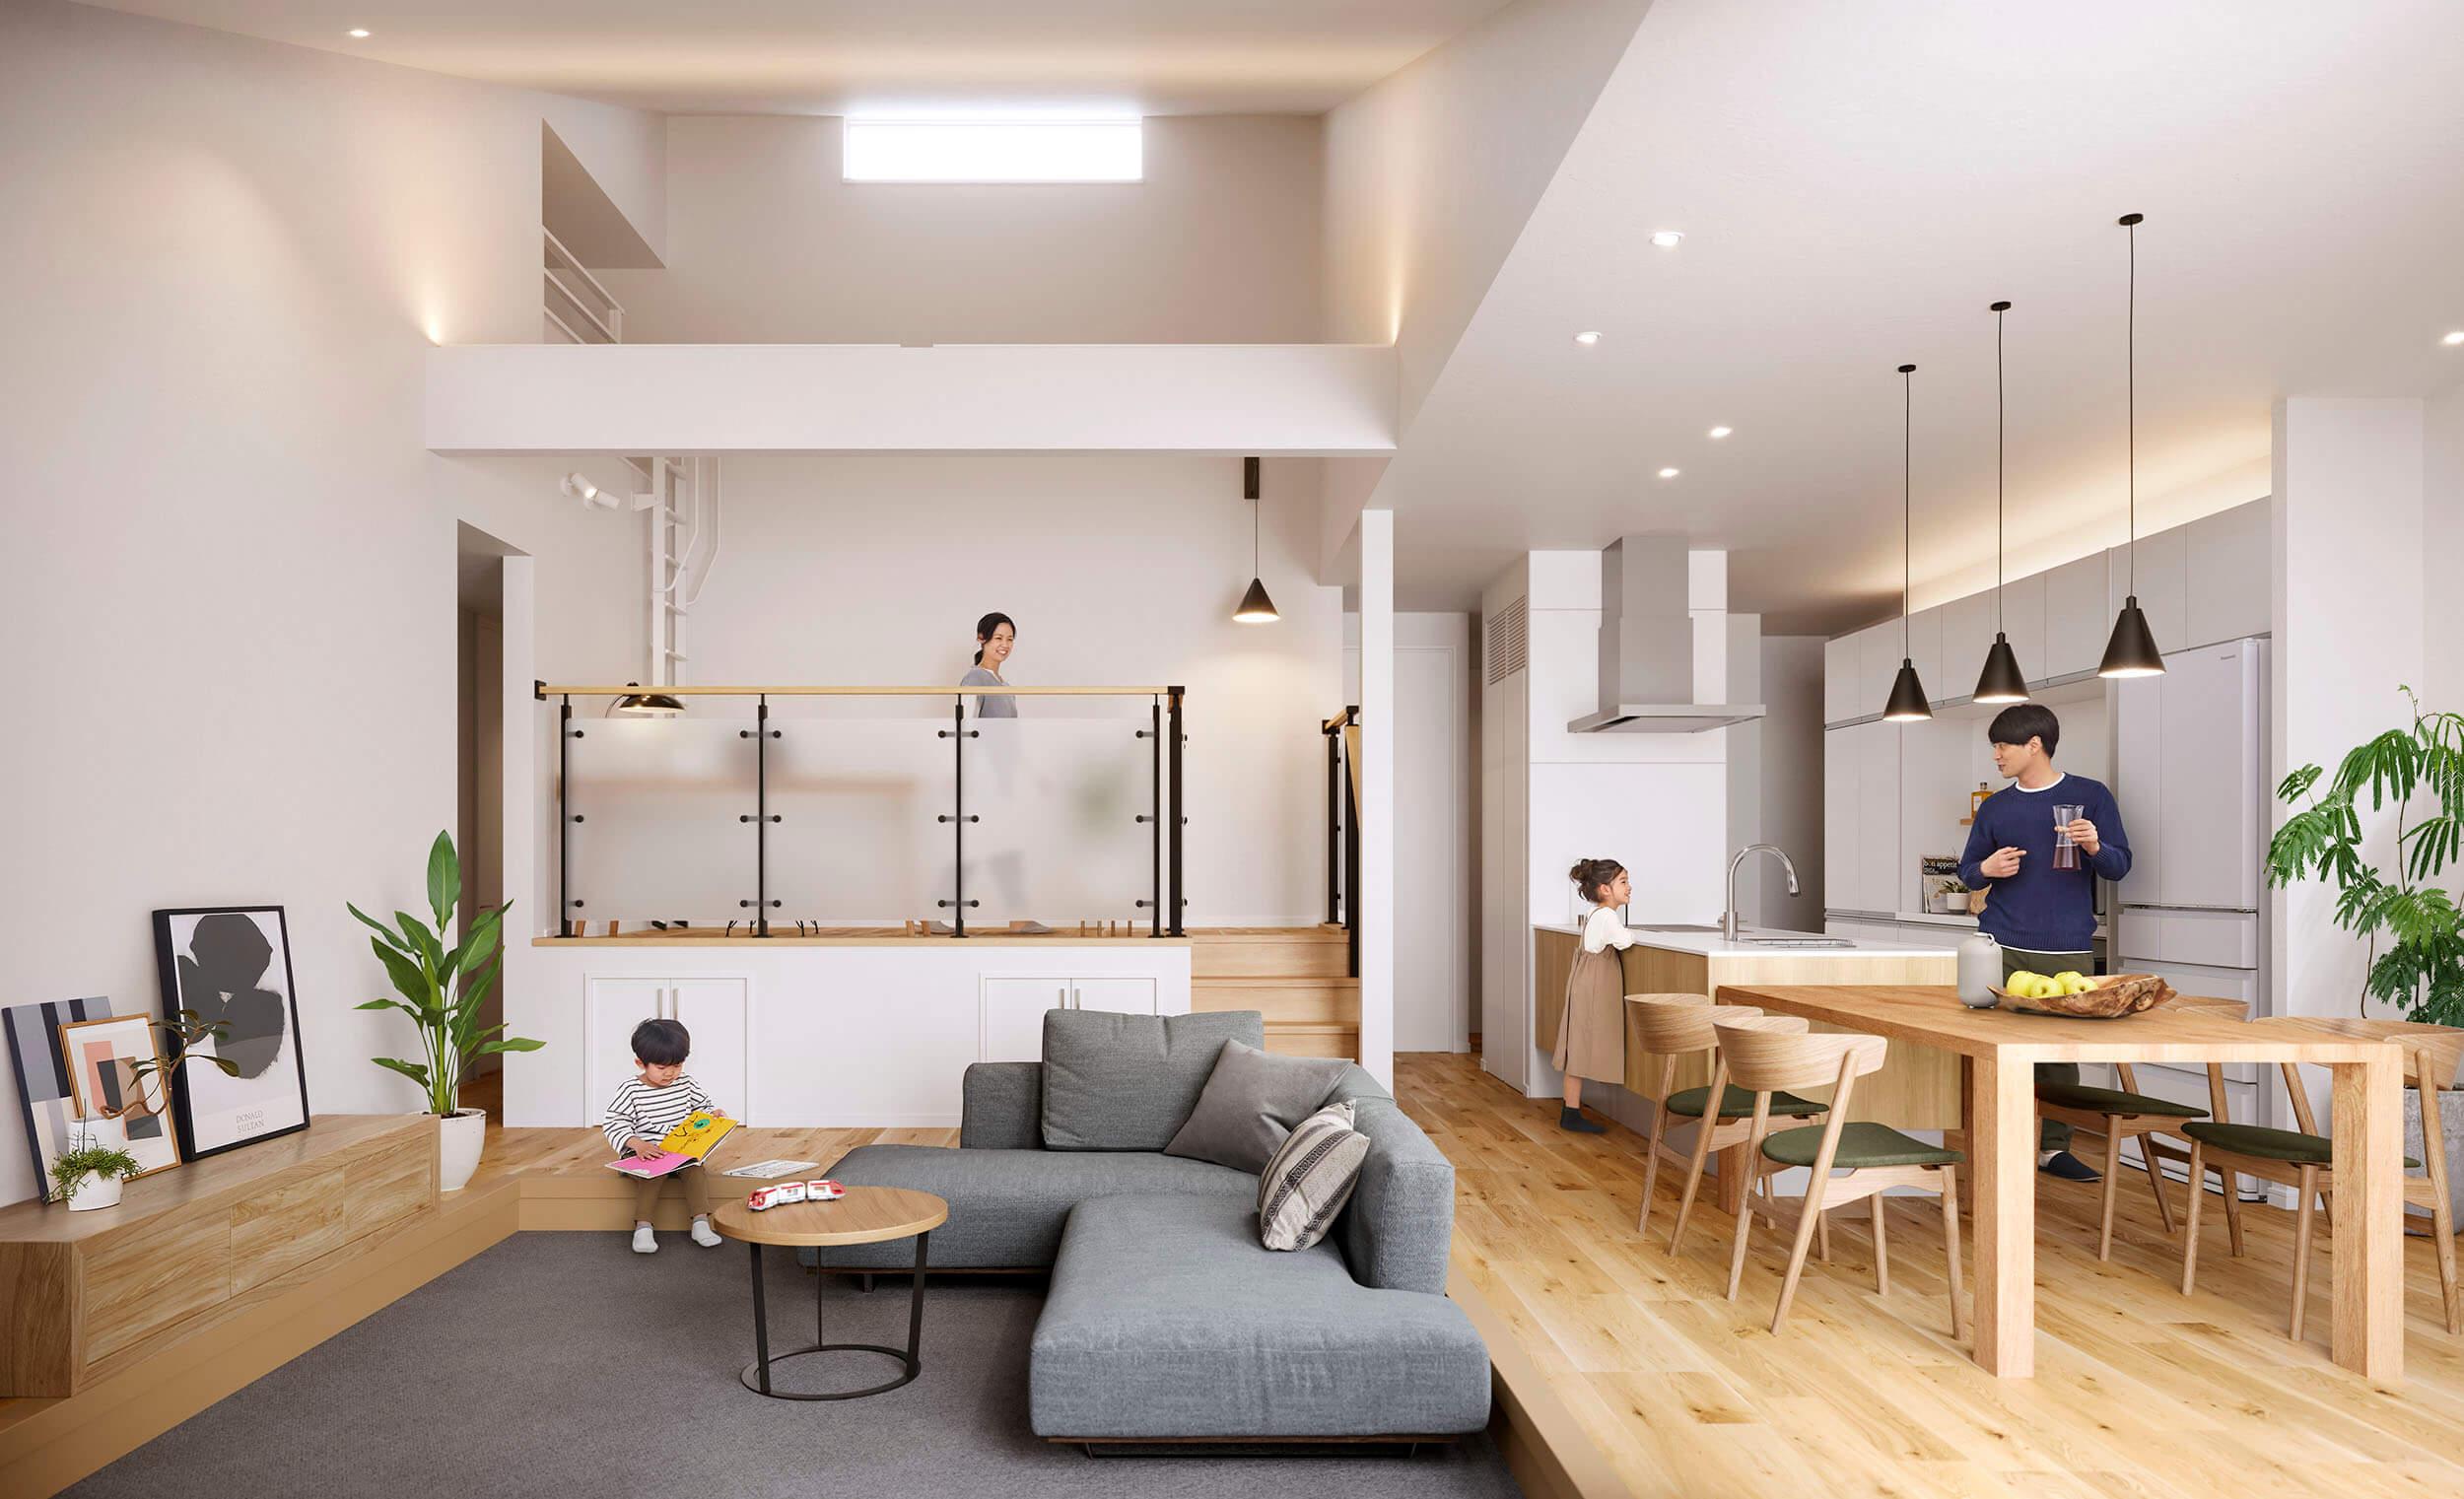 「家族が居場所を持ちながら繋がる」パナソニック ホームズの新しい家づくり